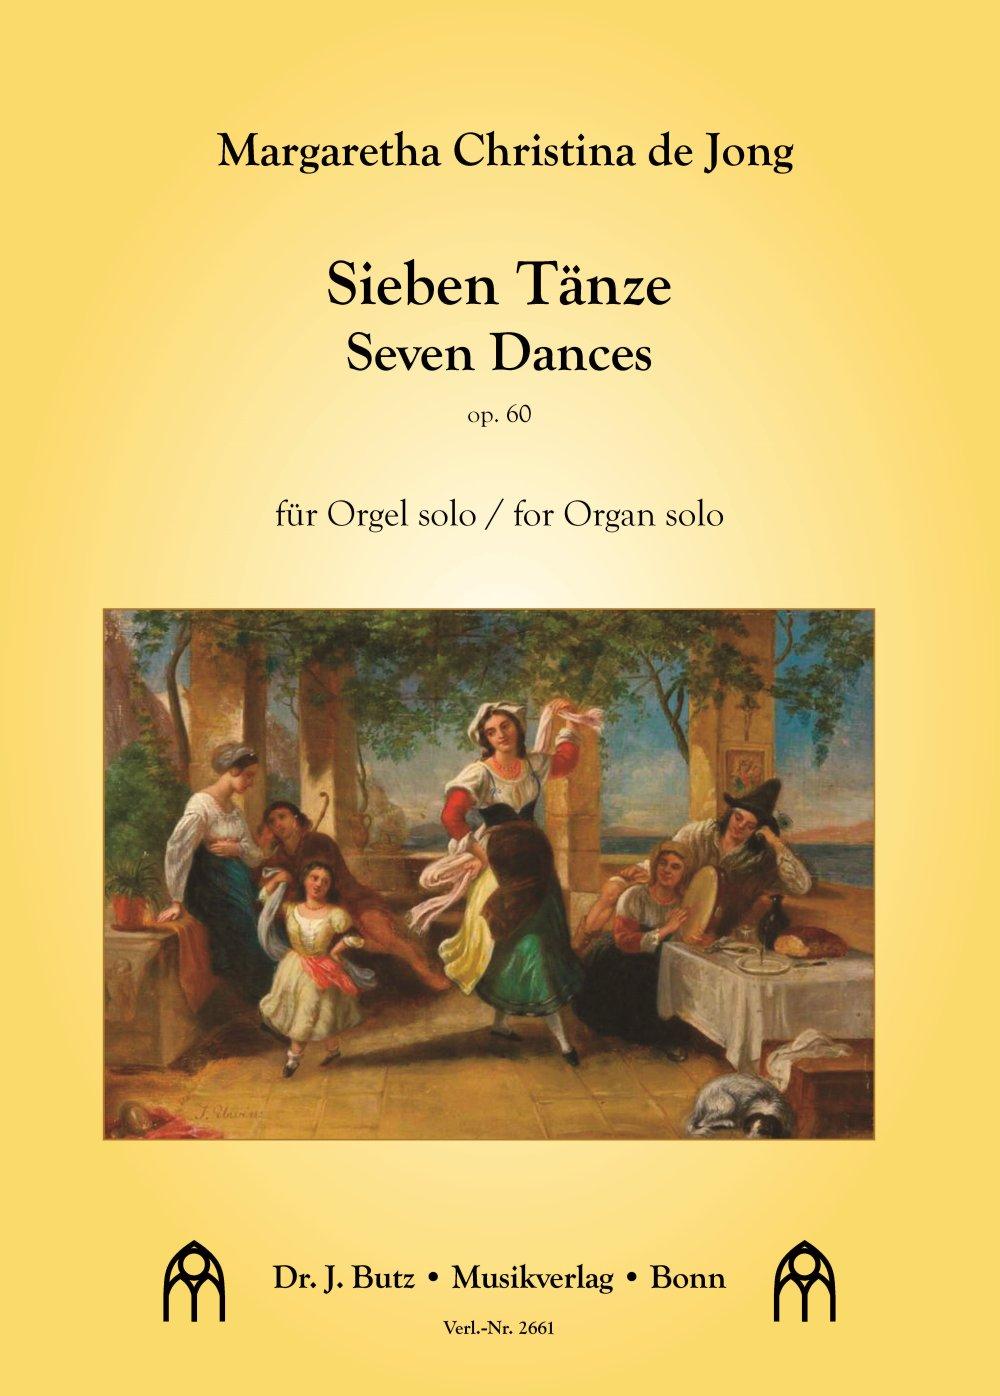 Seven Dances